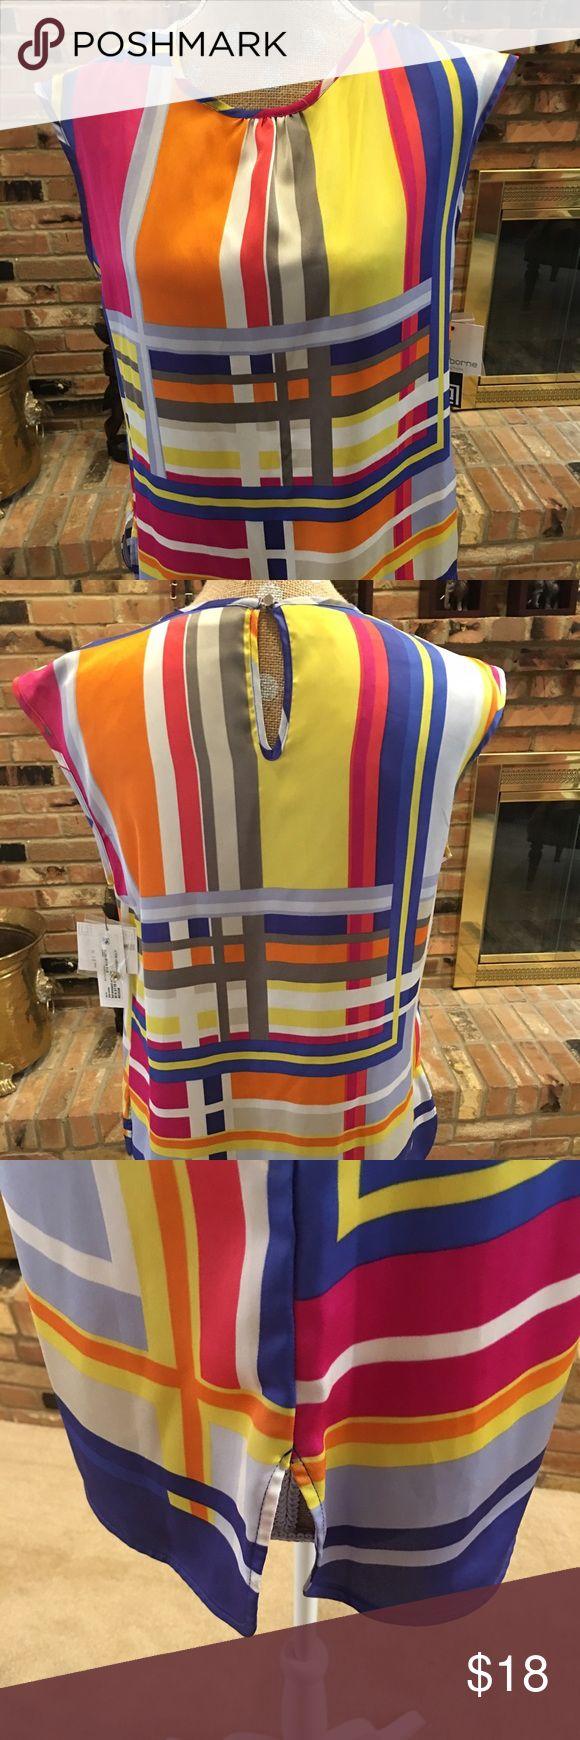 Liz Claiborne Vibrant color block top Like it now. Description coming. Liz Claiborne Tops